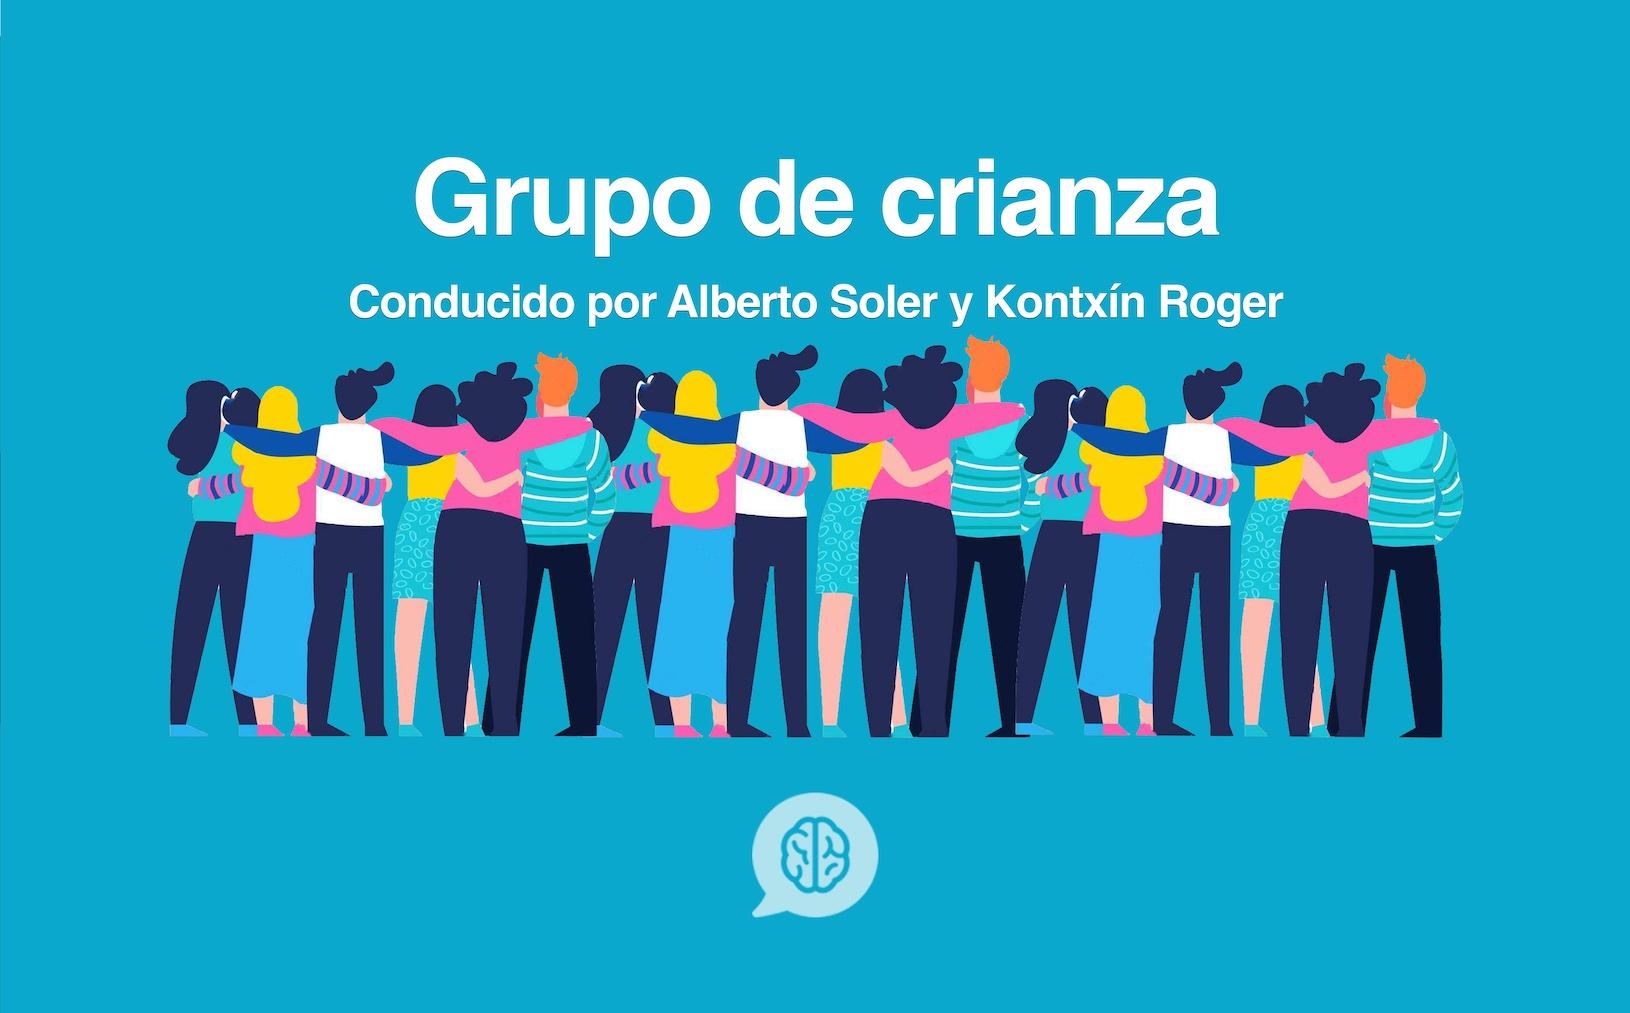 Grupo de Crianza en Valencia. Conducido por Alberto Soler y Kontxín Roger.